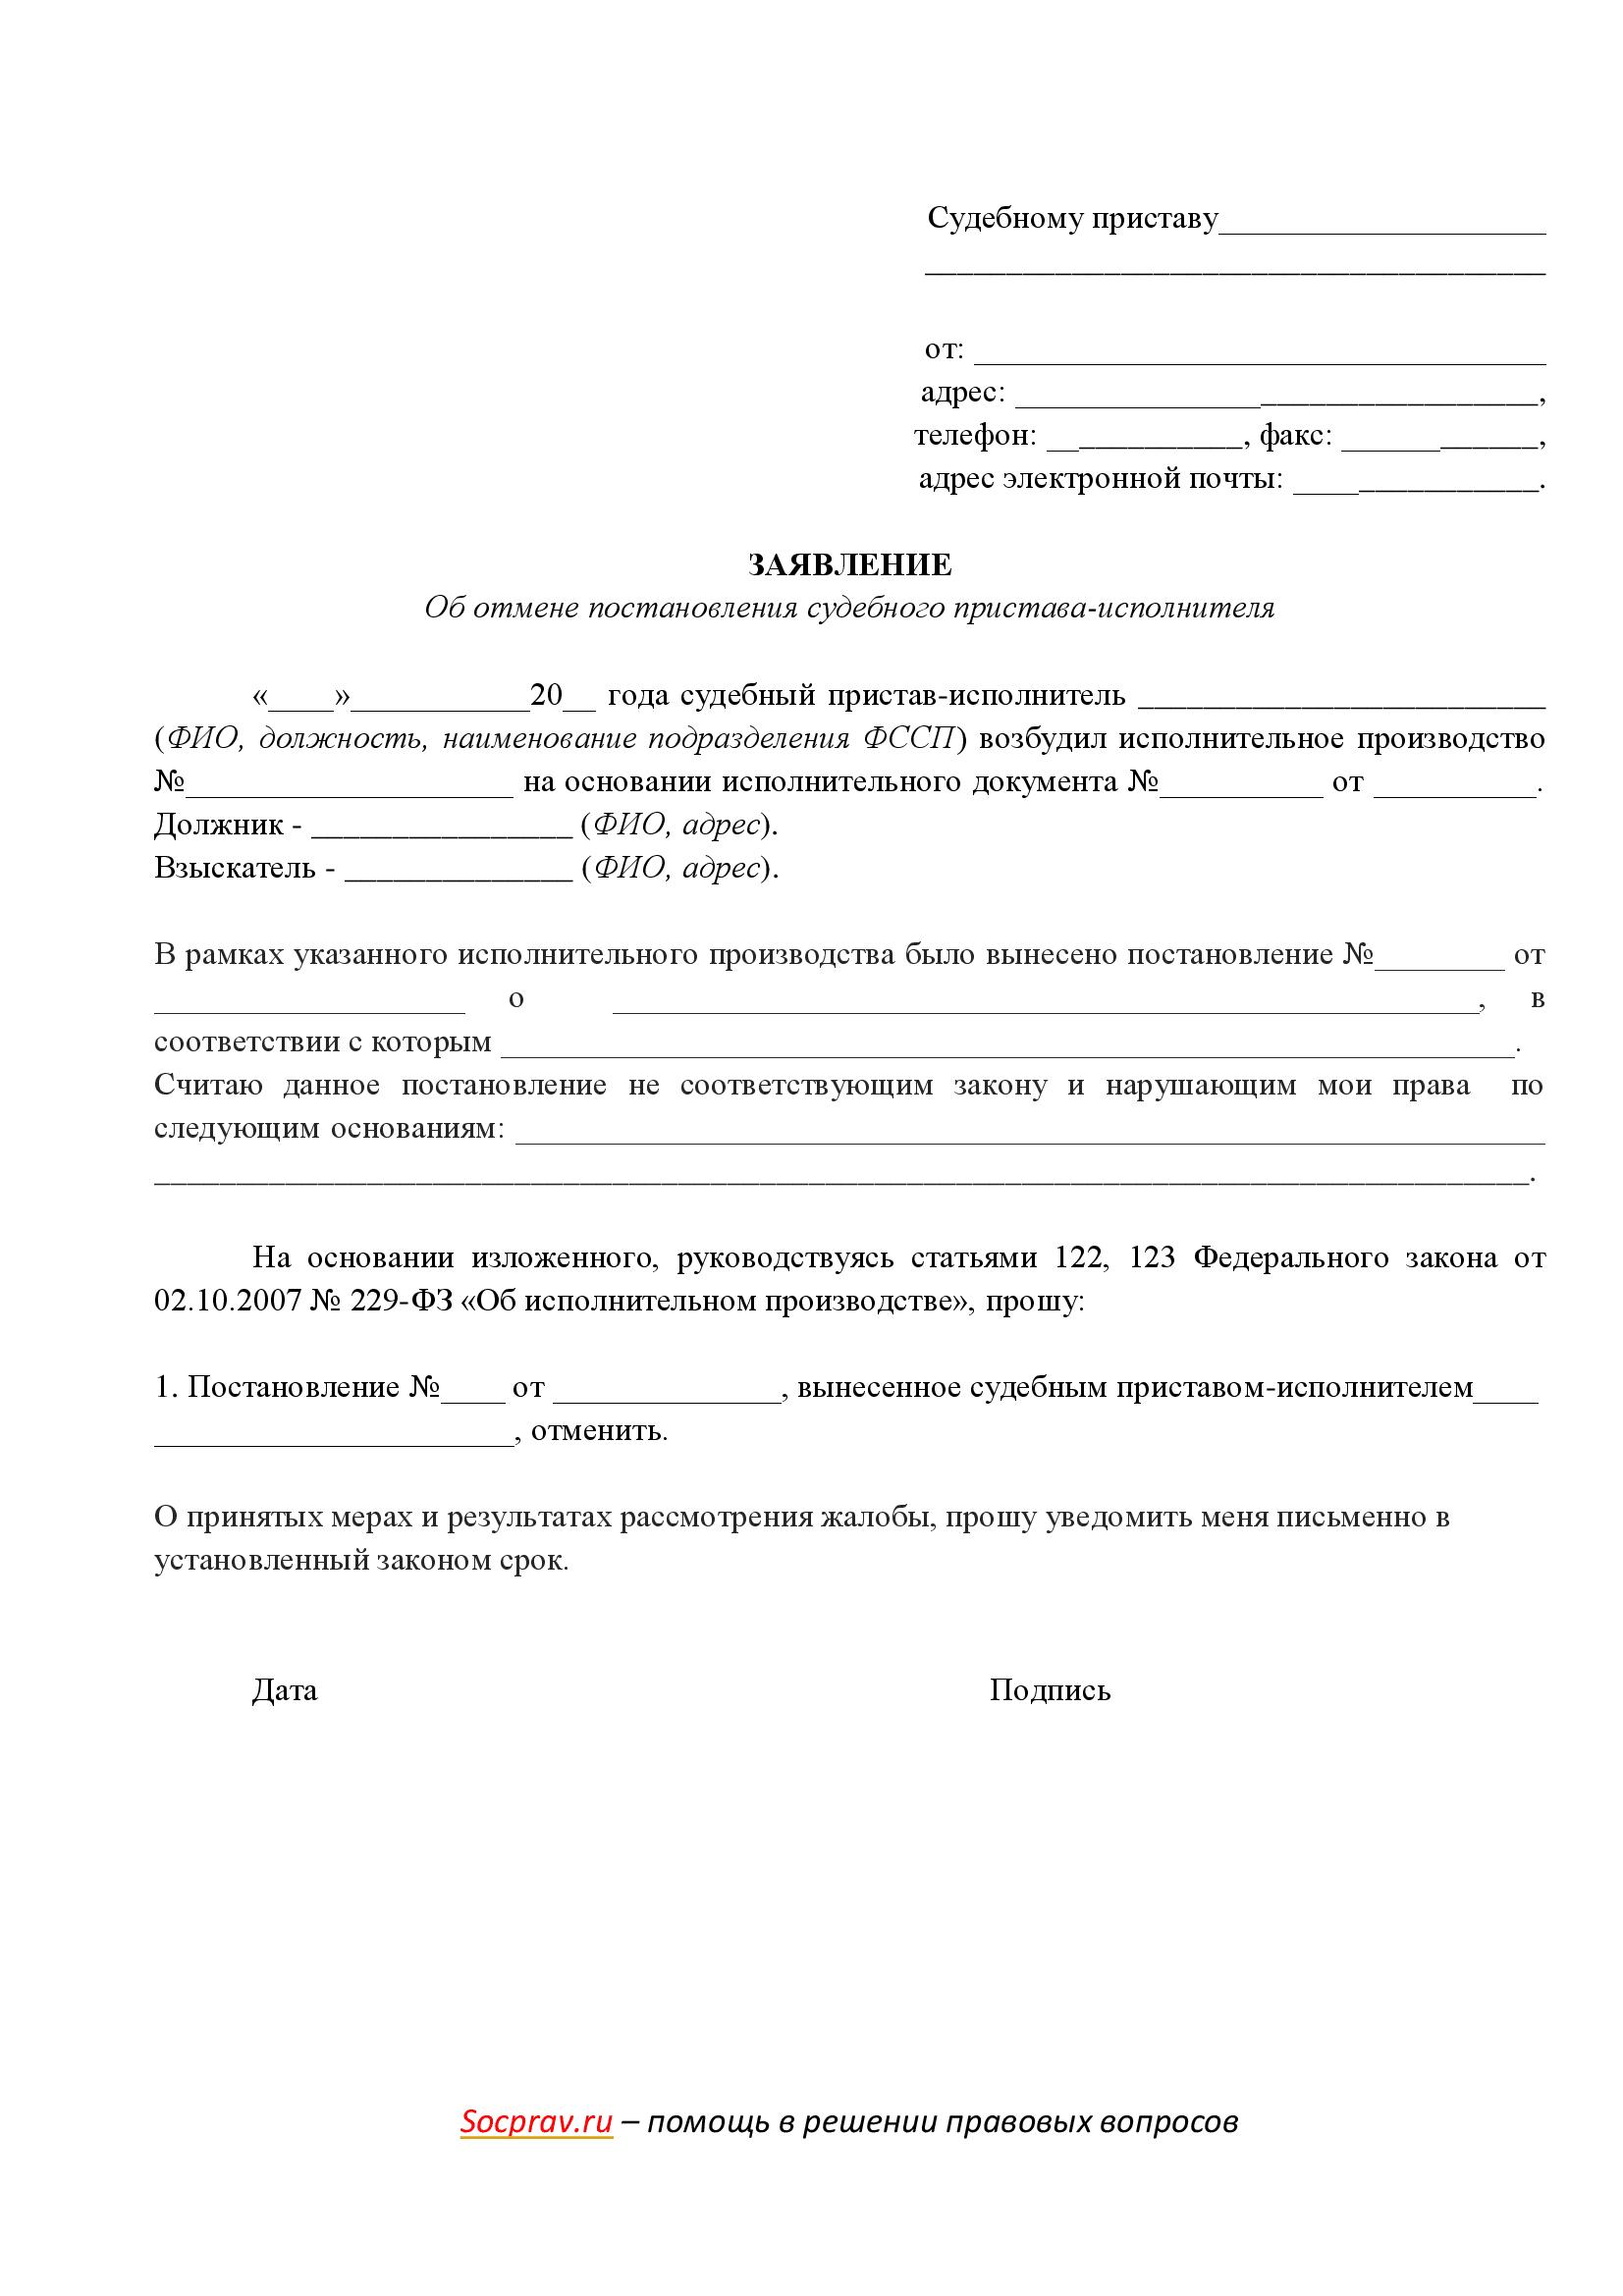 Заявление об отмене постановления судебного пристава-исполнителя